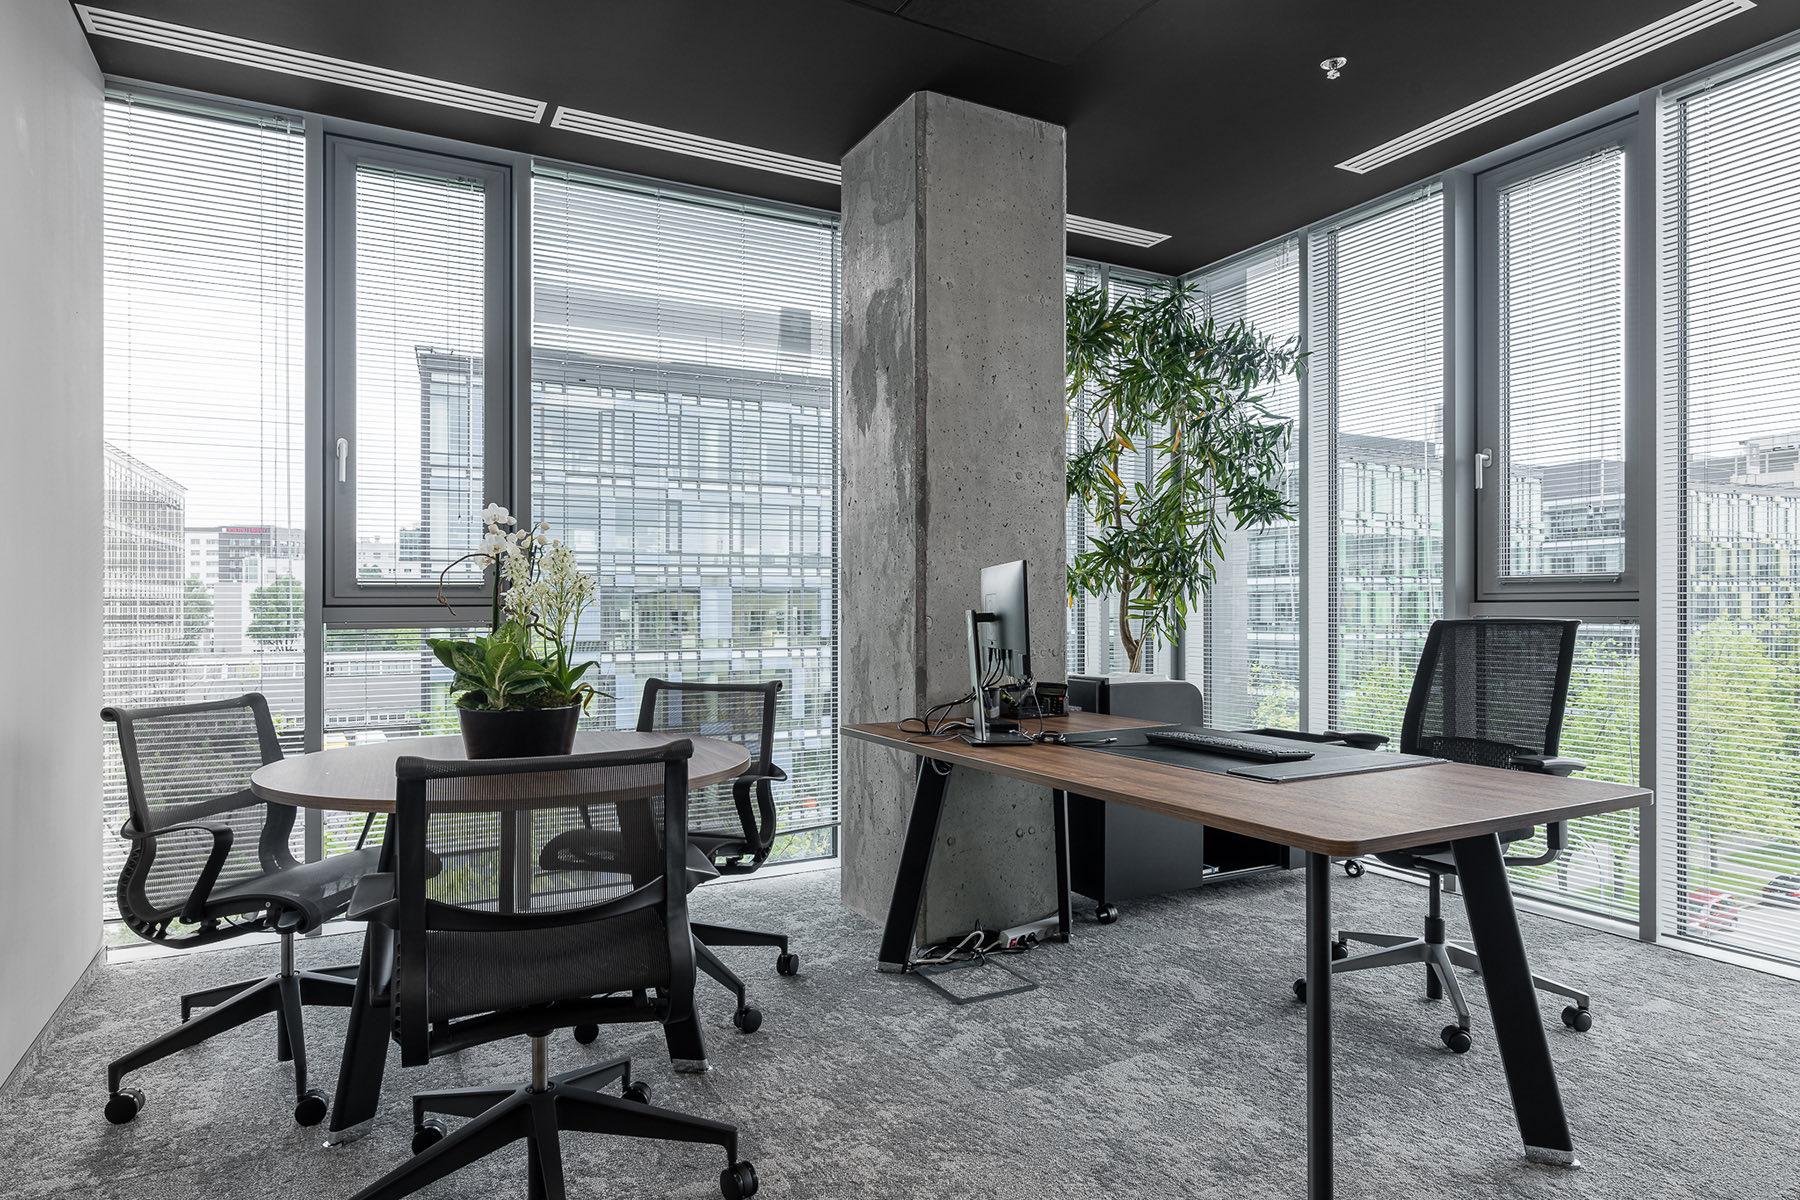 chep-polska-office-21